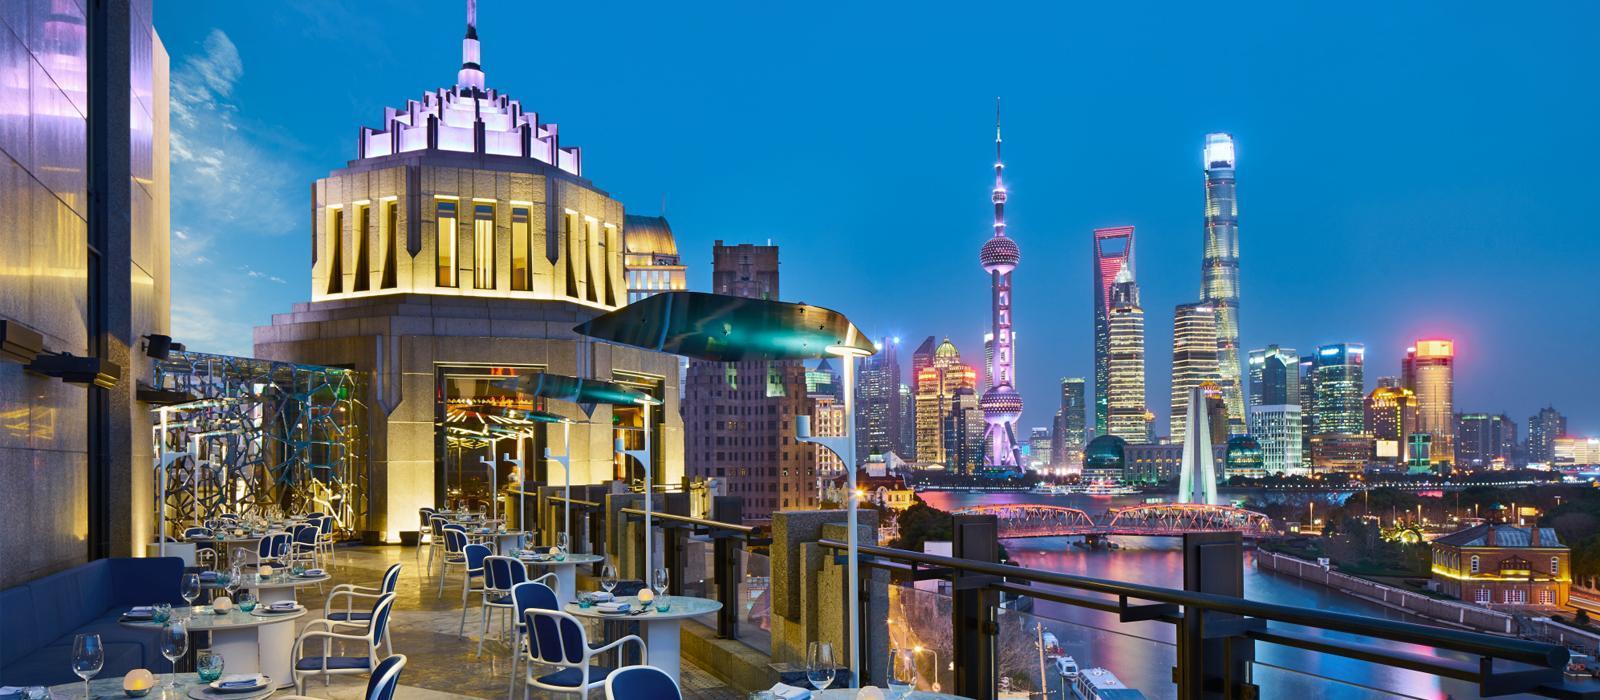 上海苏宁宝丽嘉酒店(Bellagio Shanghai)【 上海,中国】 酒店  dtcpzc.157ib.com